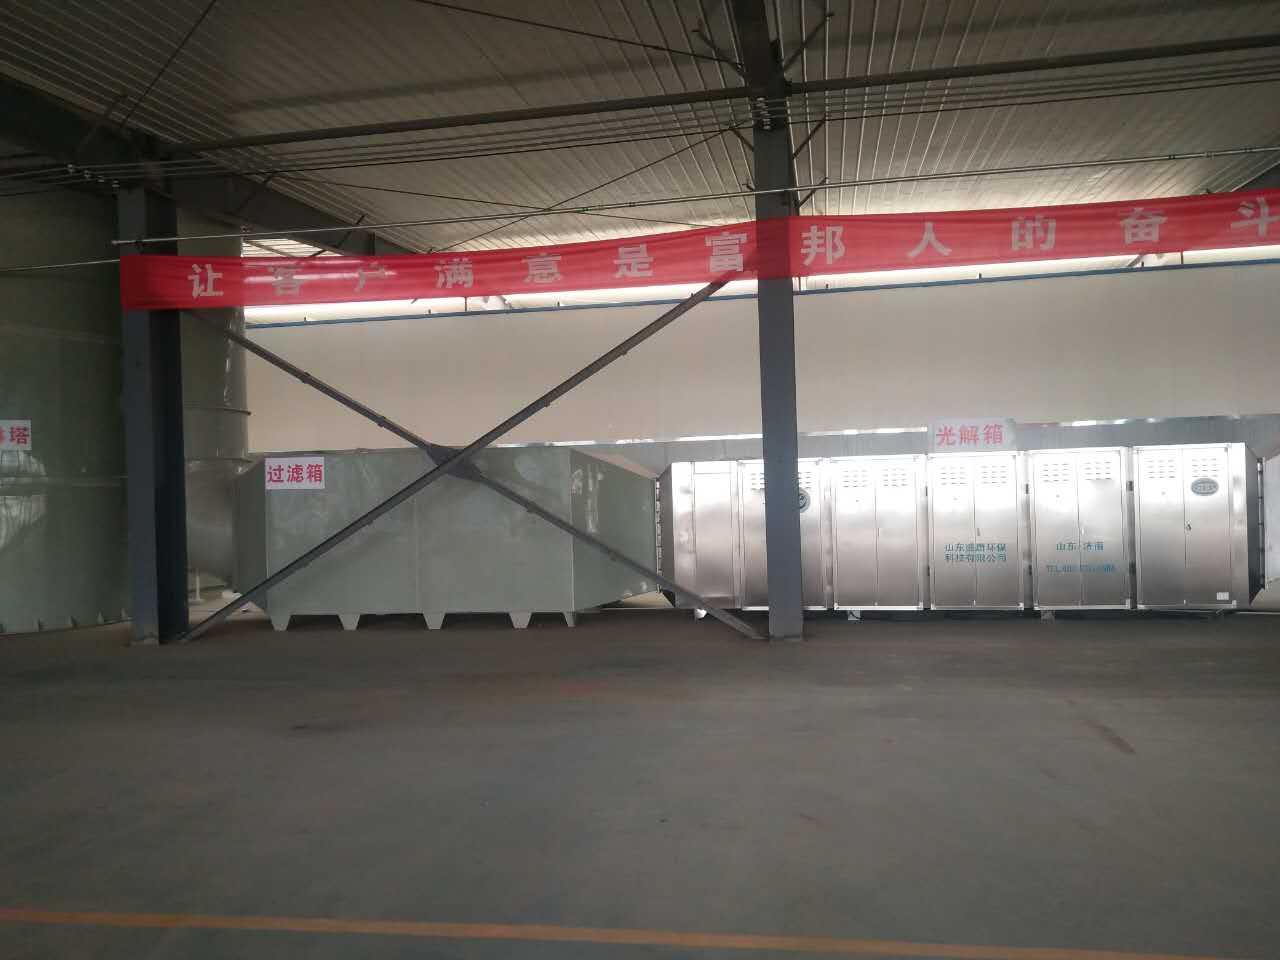 徐州丰县某公司喷涂废气处理